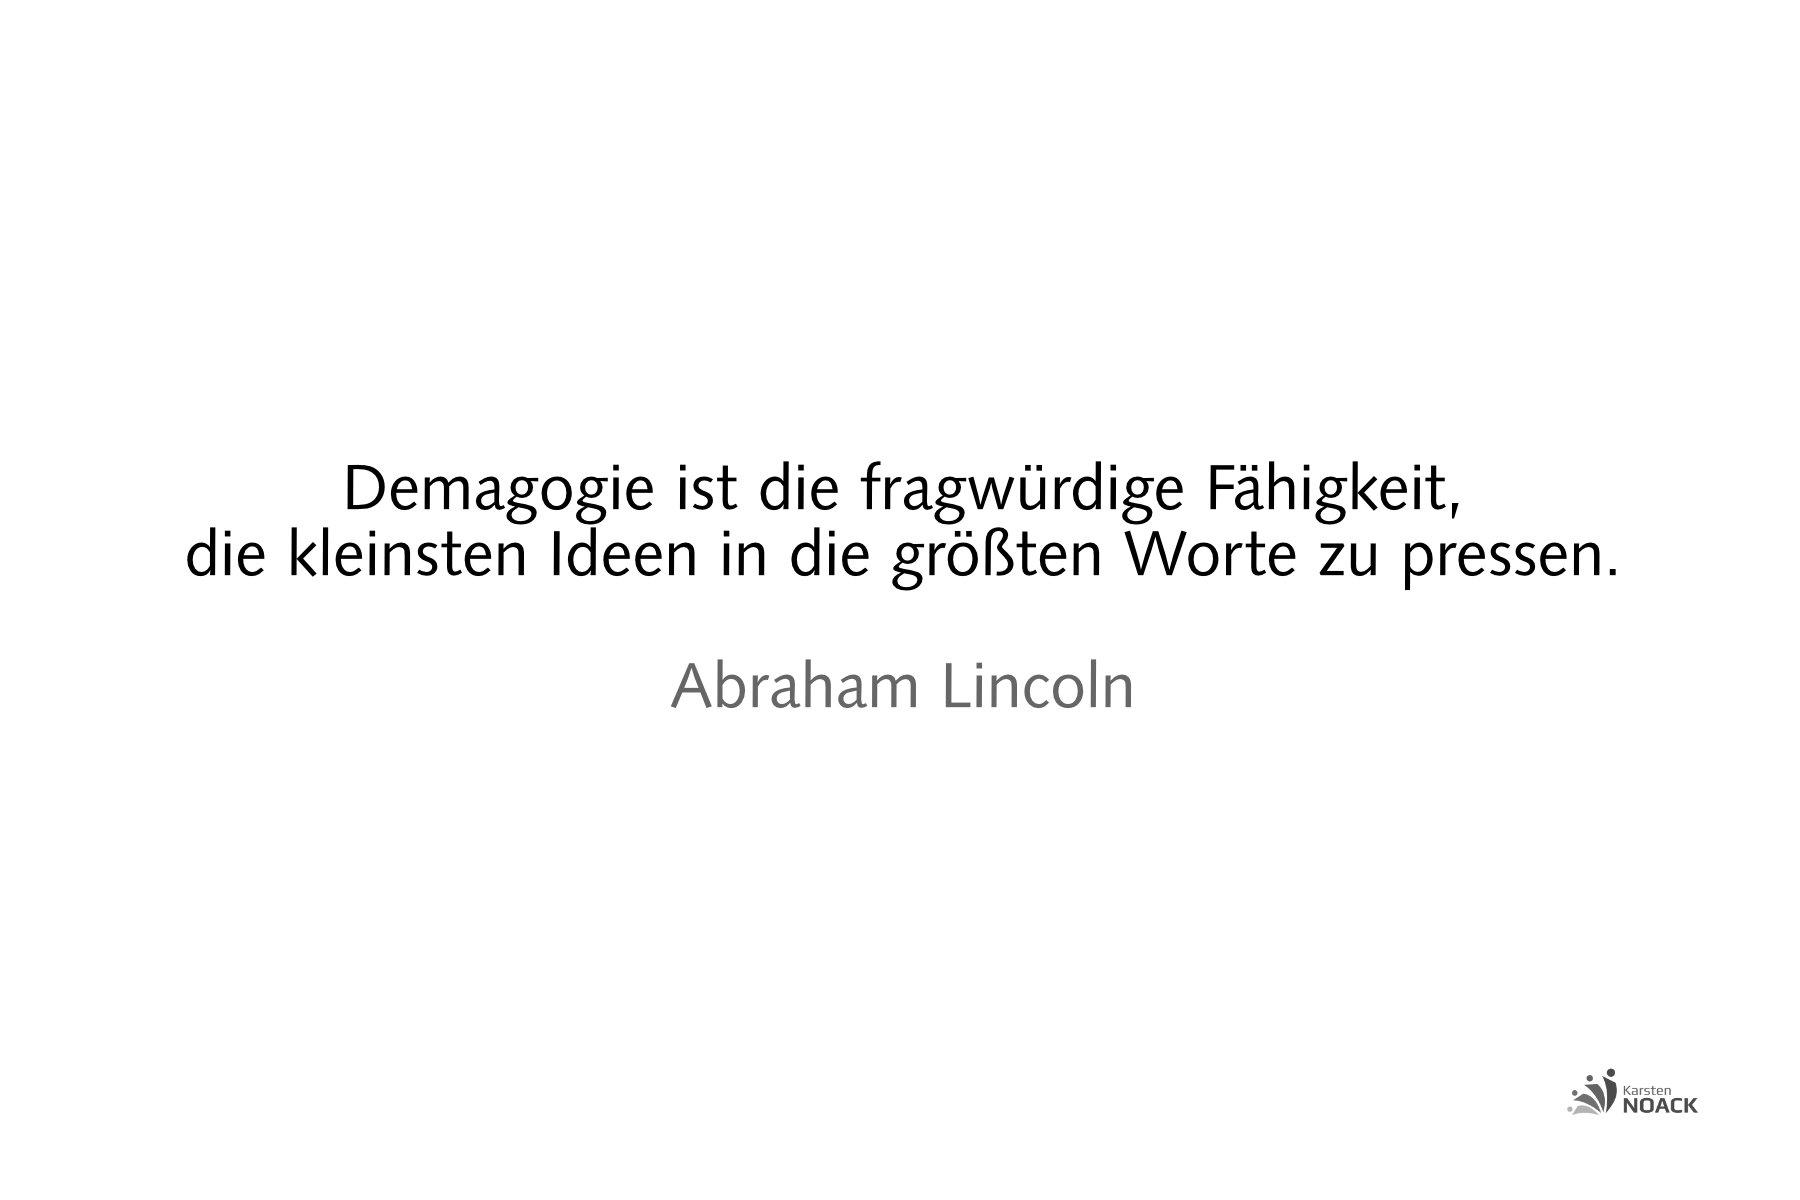 Demagogie ist die fragwürdige Fähigkeit, die kleinsten Ideen in die größte Worte zu pressen. Abraham Lincoln